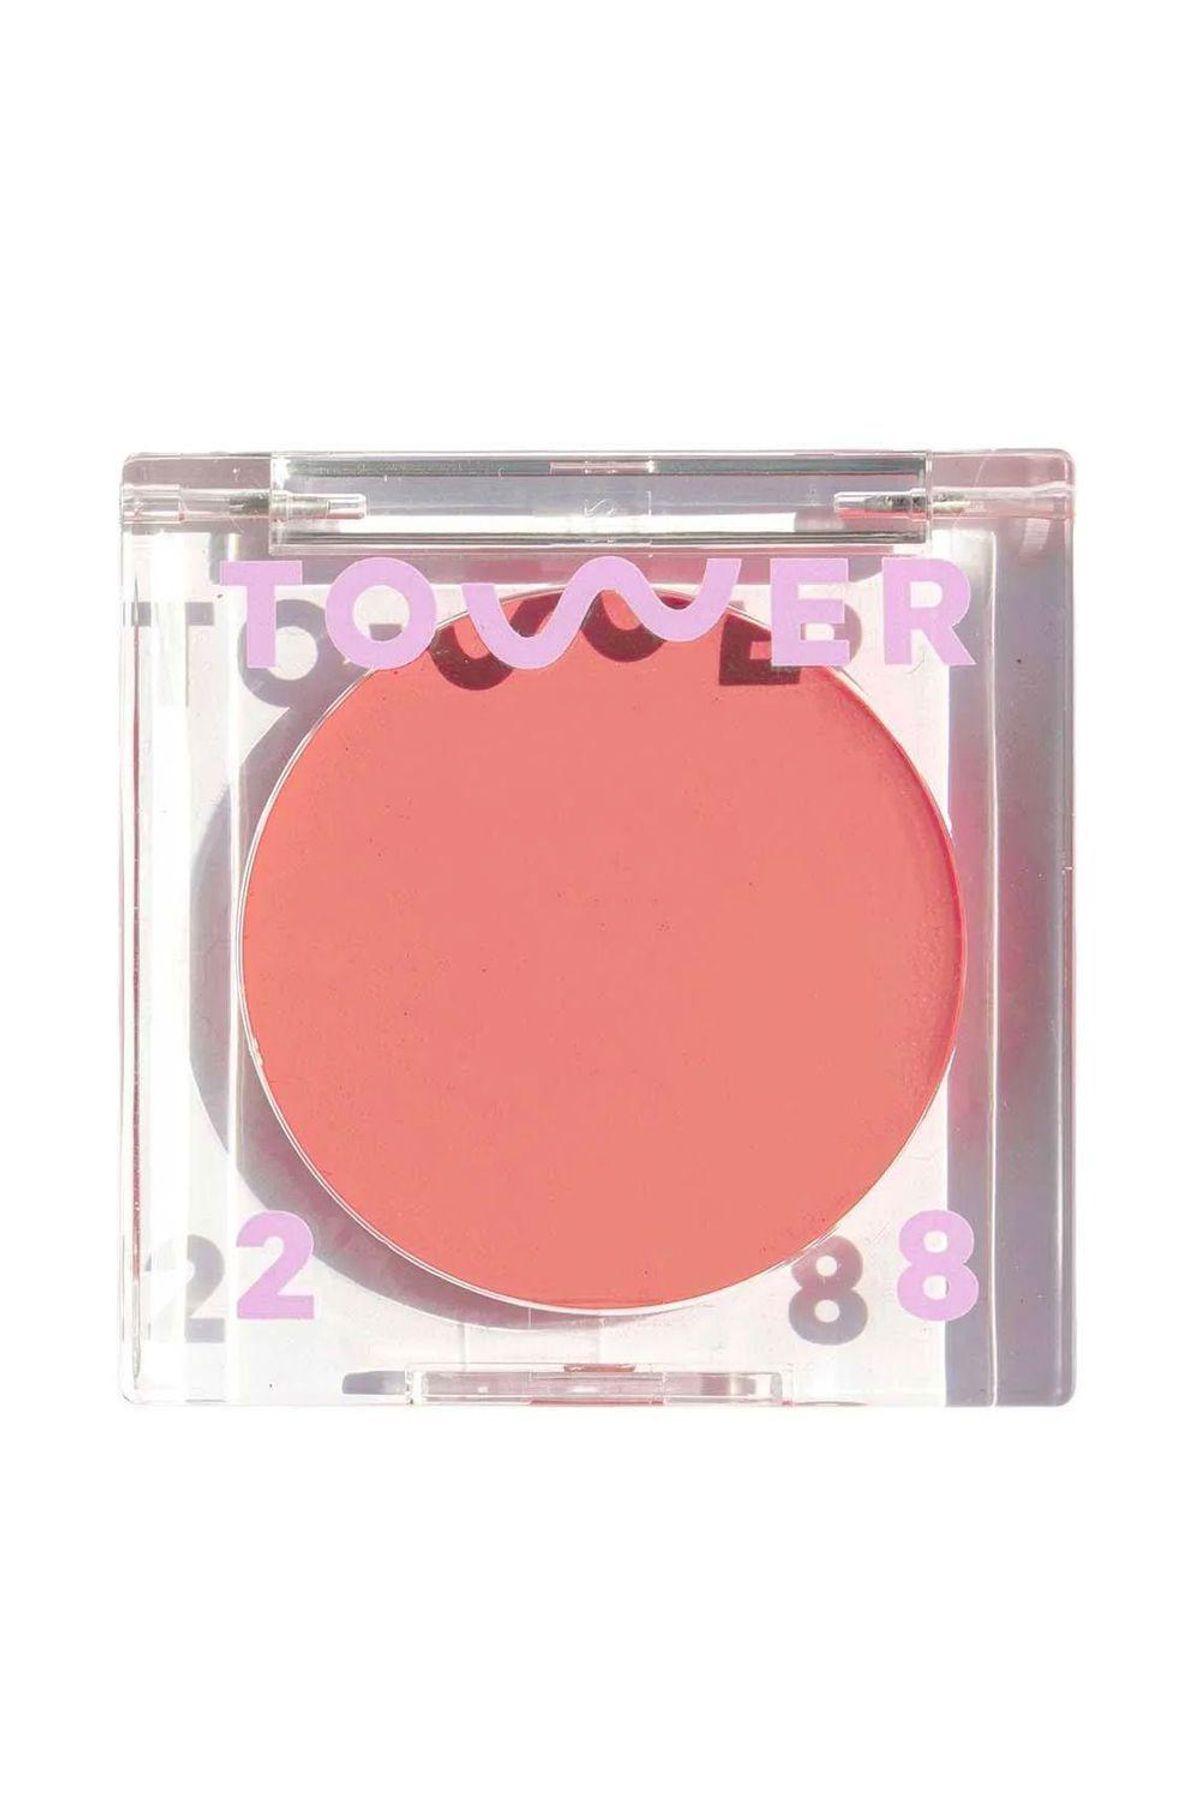 BeachPlease Lip + Cheek Cream Blush